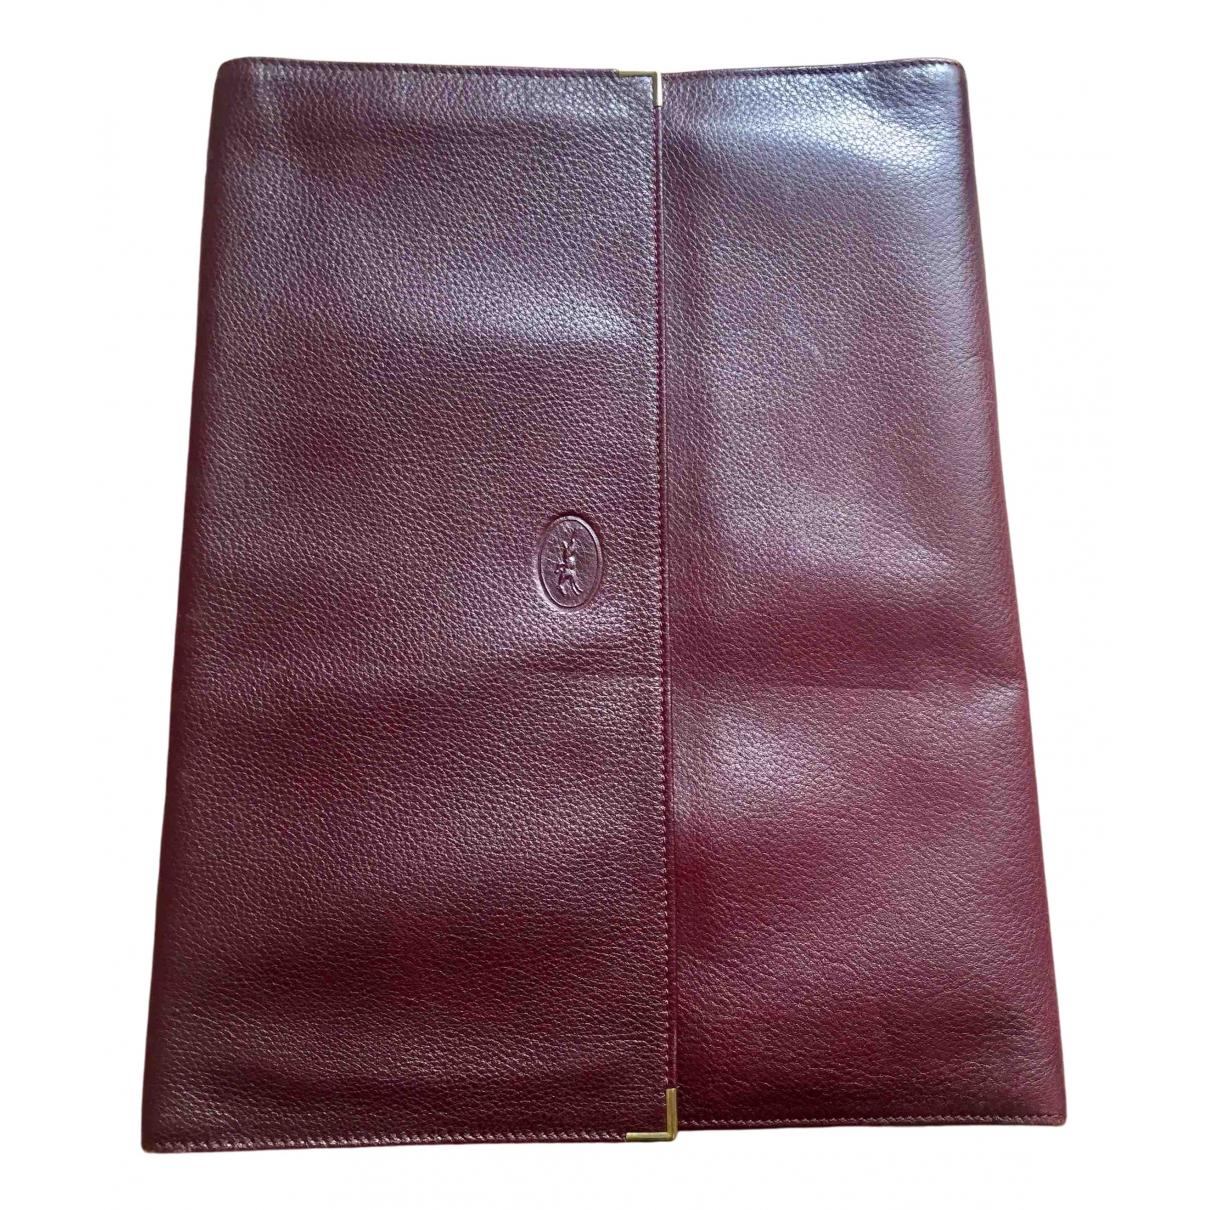 Longchamp - Petite maroquinerie   pour homme en cuir - bordeaux